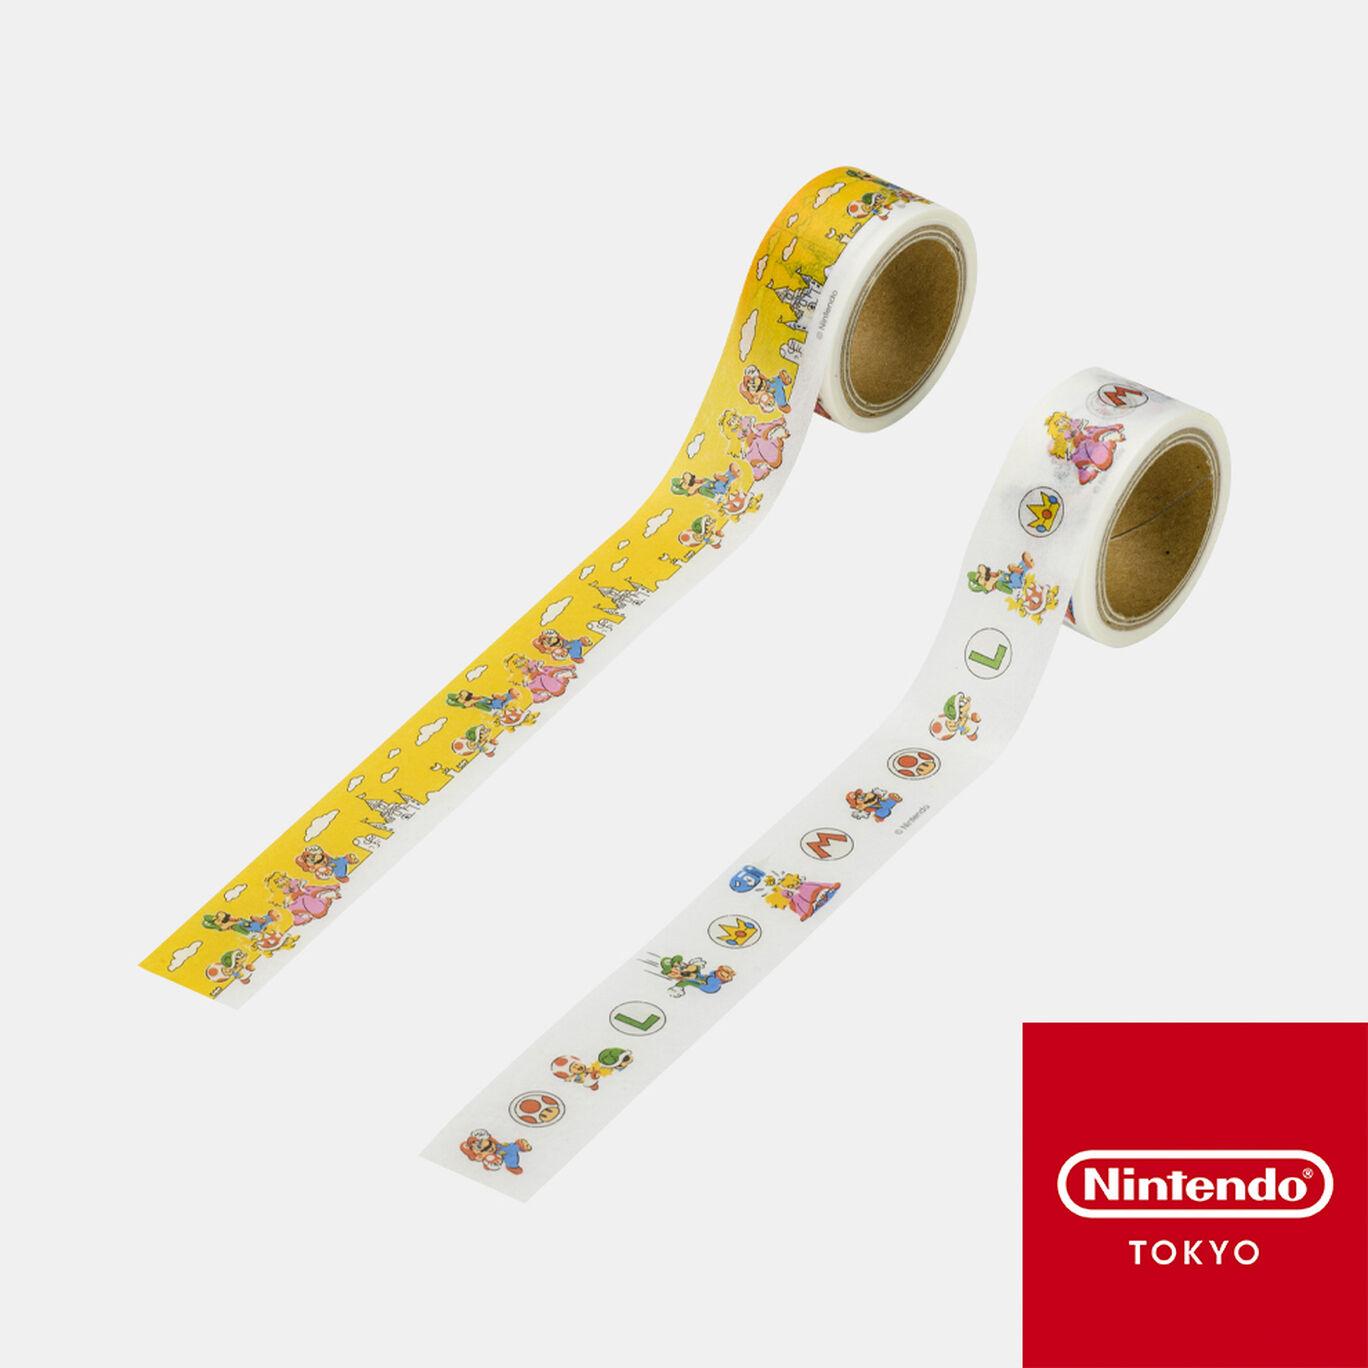 マスキングテープ スーパーマリオファミリーライフ【Nintendo TOKYO取り扱い商品】